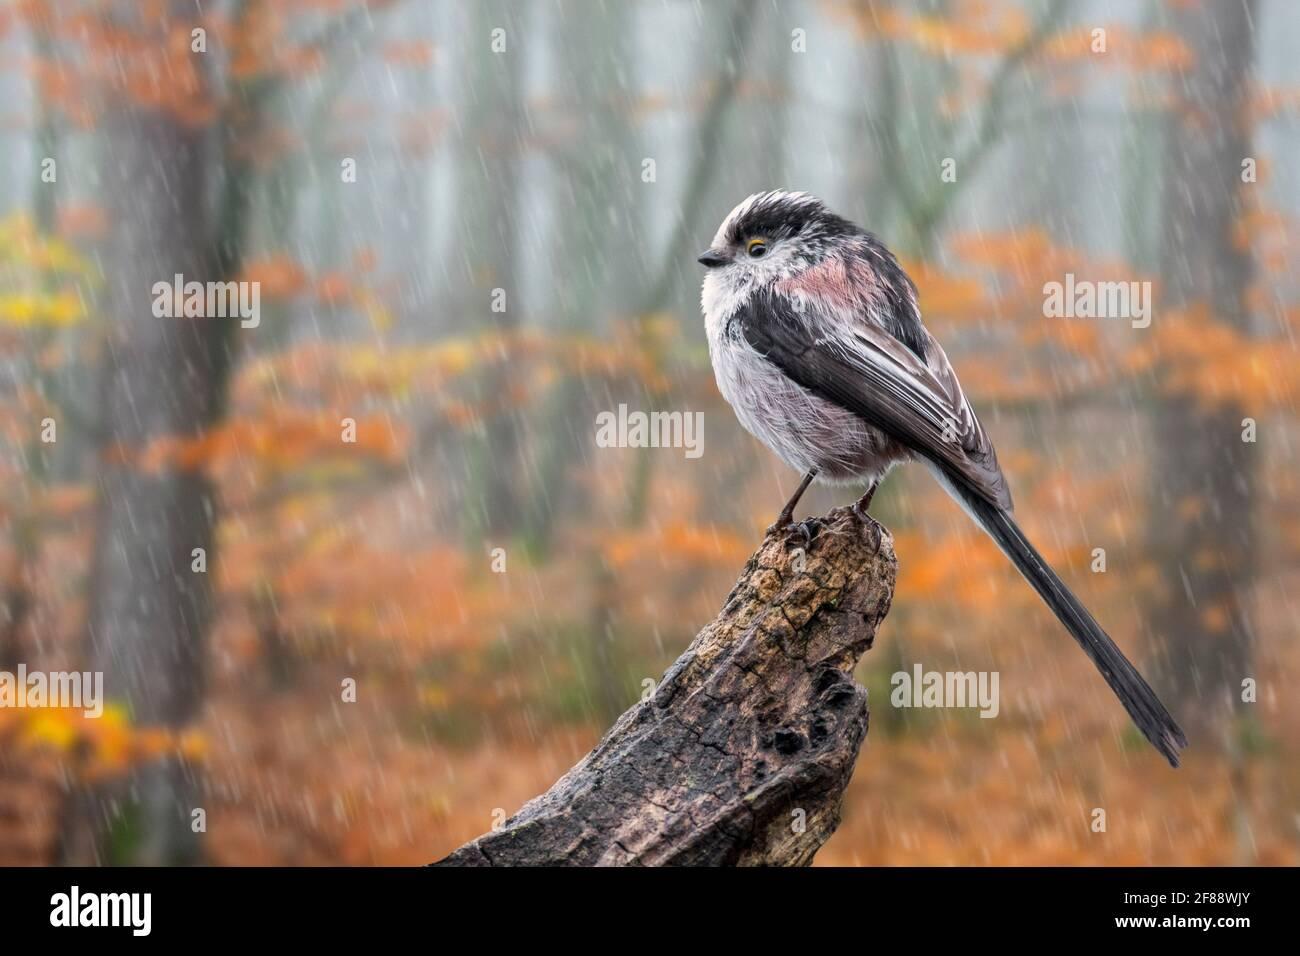 Tit à longue queue humide / bushtit à longue queue (Aegithalos caudatus) perchée sur une souche d'arbre dans la forêt d'automne lors d'une douche à effet pluie Banque D'Images